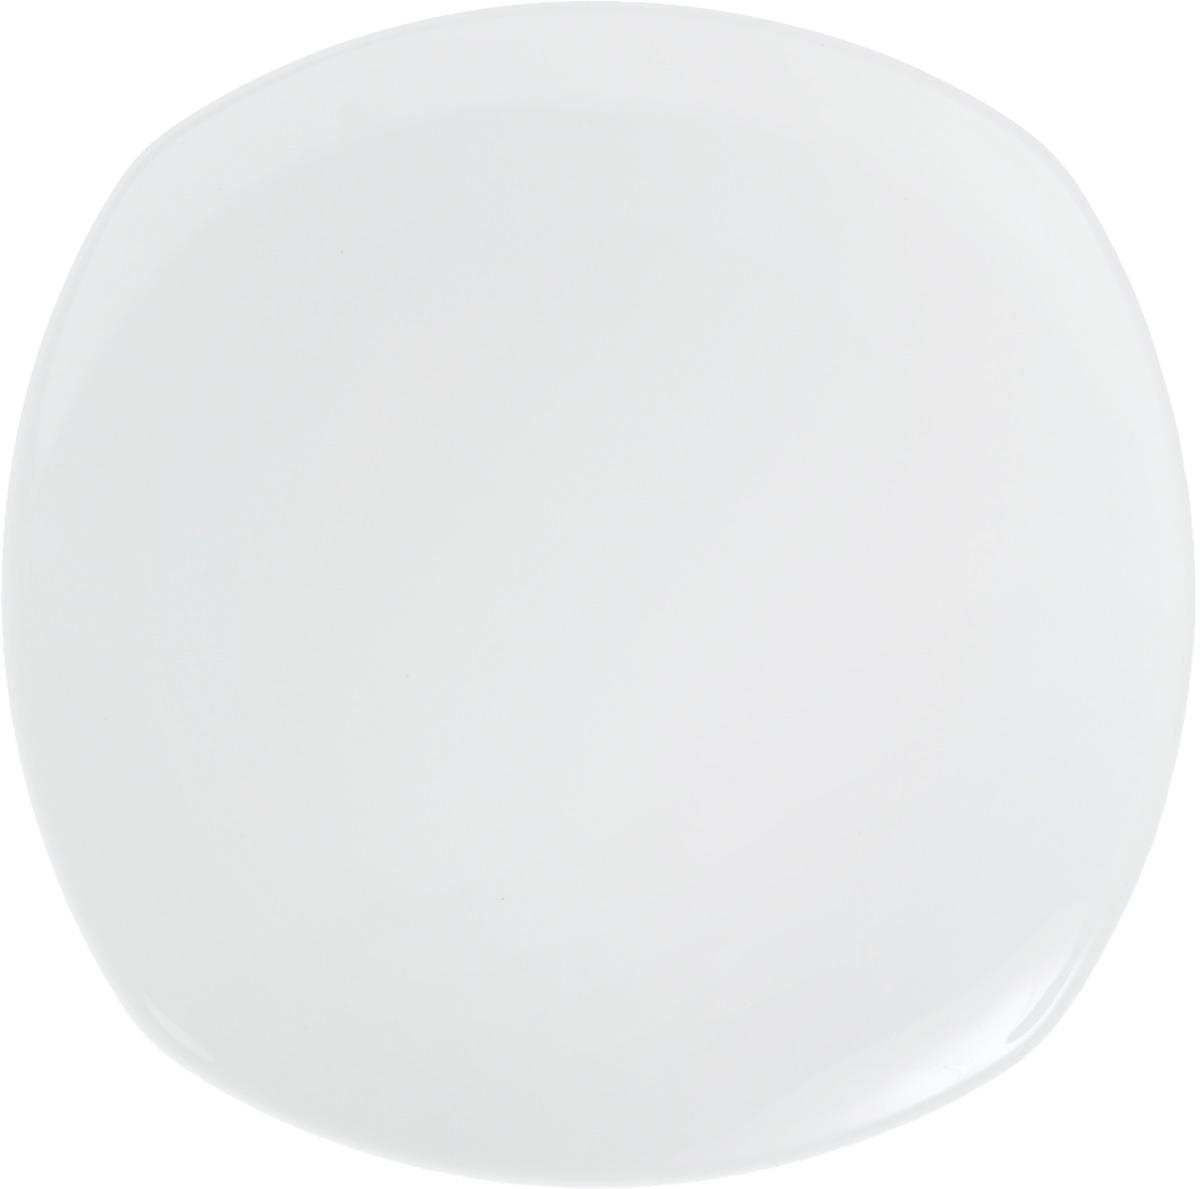 Тарелка Wilmax, 28 х 28 см115610Тарелка Wilmax, изготовленная из высококачественного фарфора, имеет оригинальную. Изящный дизайн придется по вкусу и ценителям классики, и тем, кто предпочитает утонченность и изысканность. Тарелка Wilmax идеально подойдет для сервировки стола и станет отличным подарком к любому празднику.Размер тарелки (по верхнему краю): 27 х 27 см.